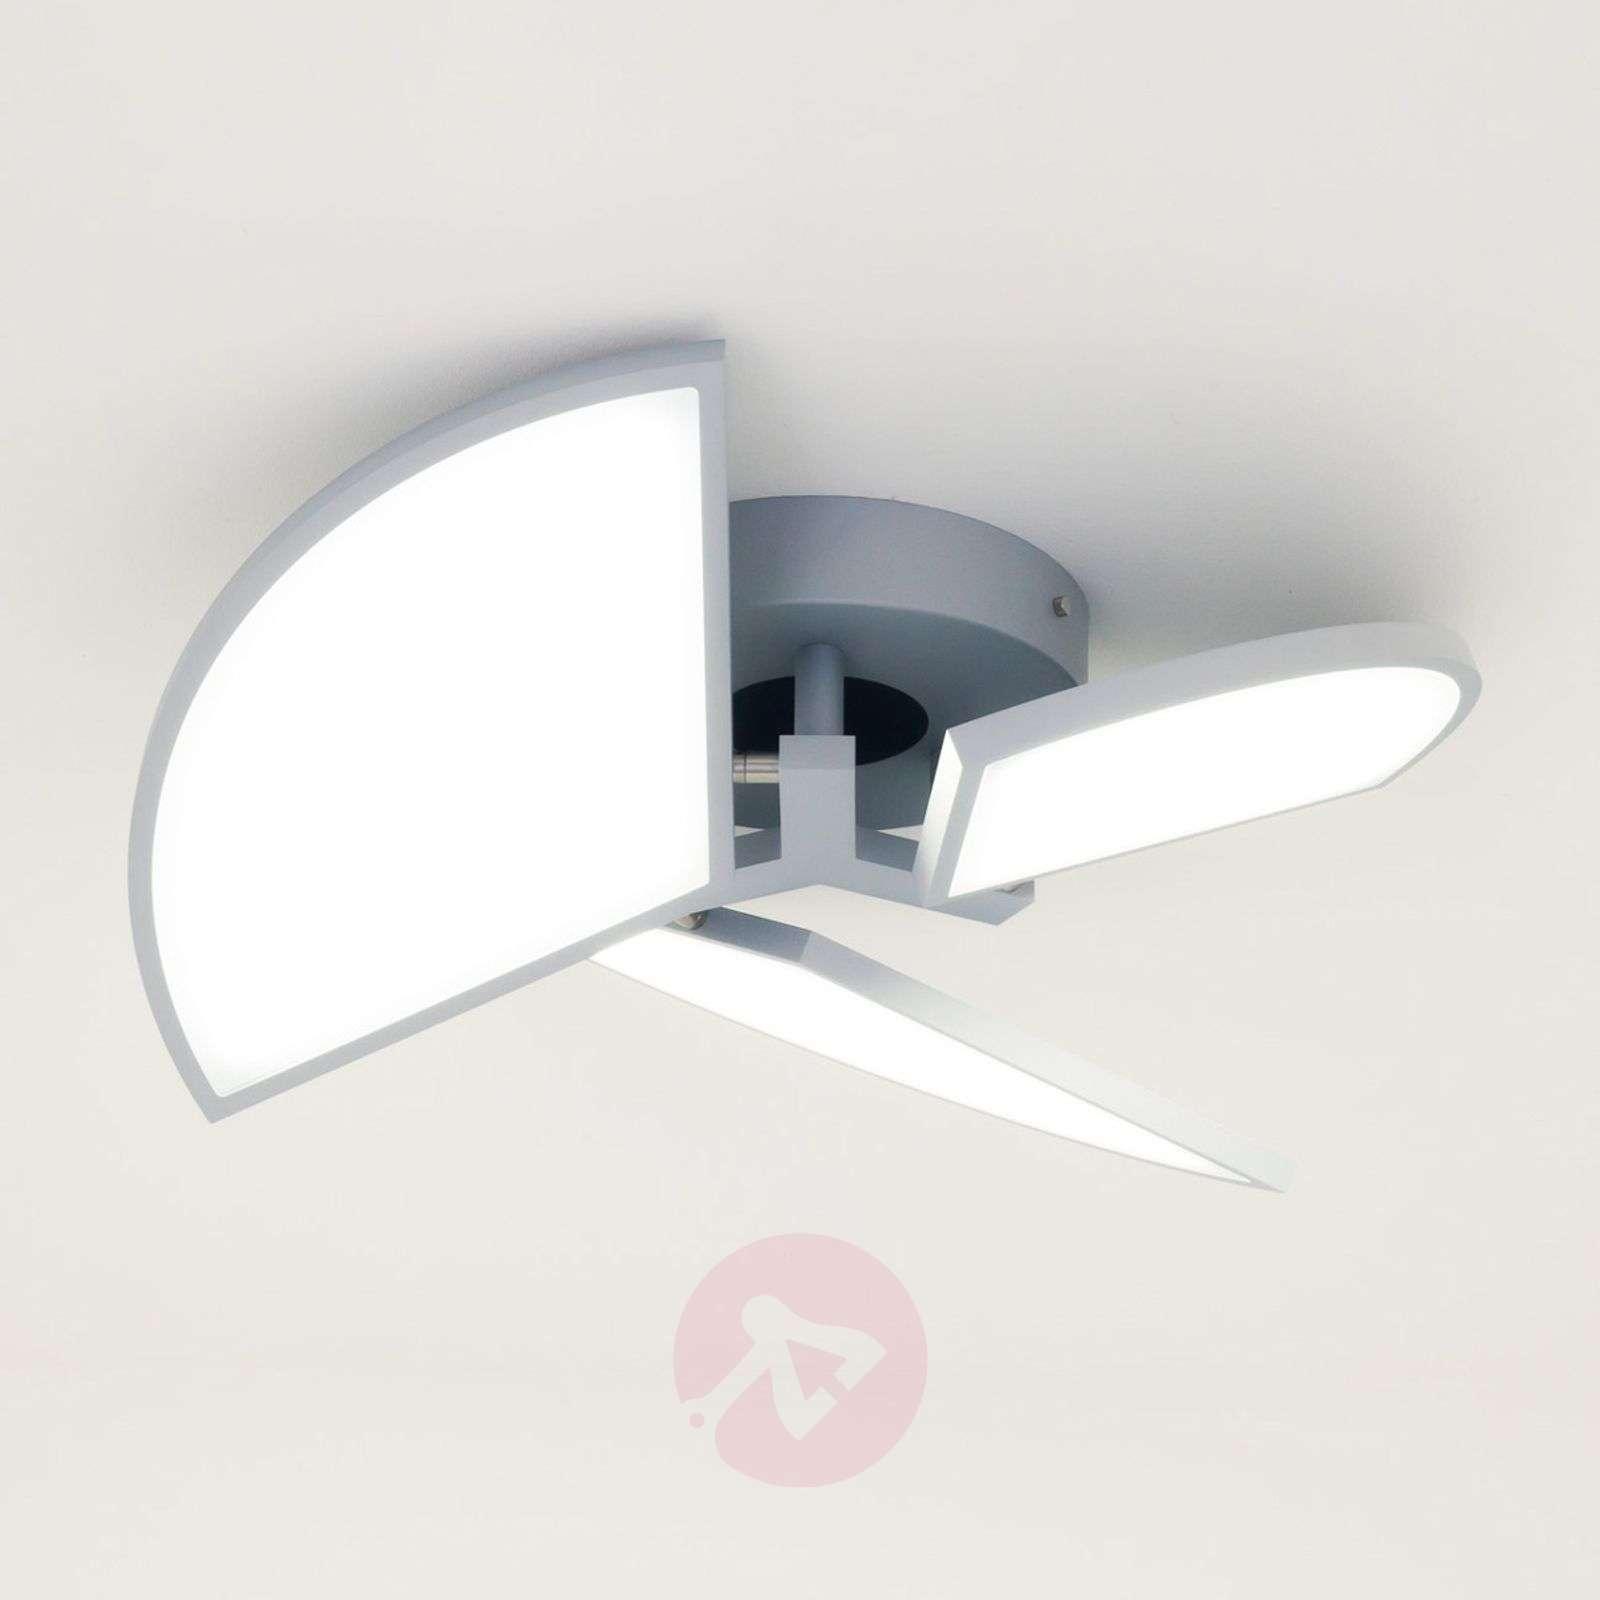 LED-kattovalaisin Aurela hopea 3-lamppuinen-3056002-01